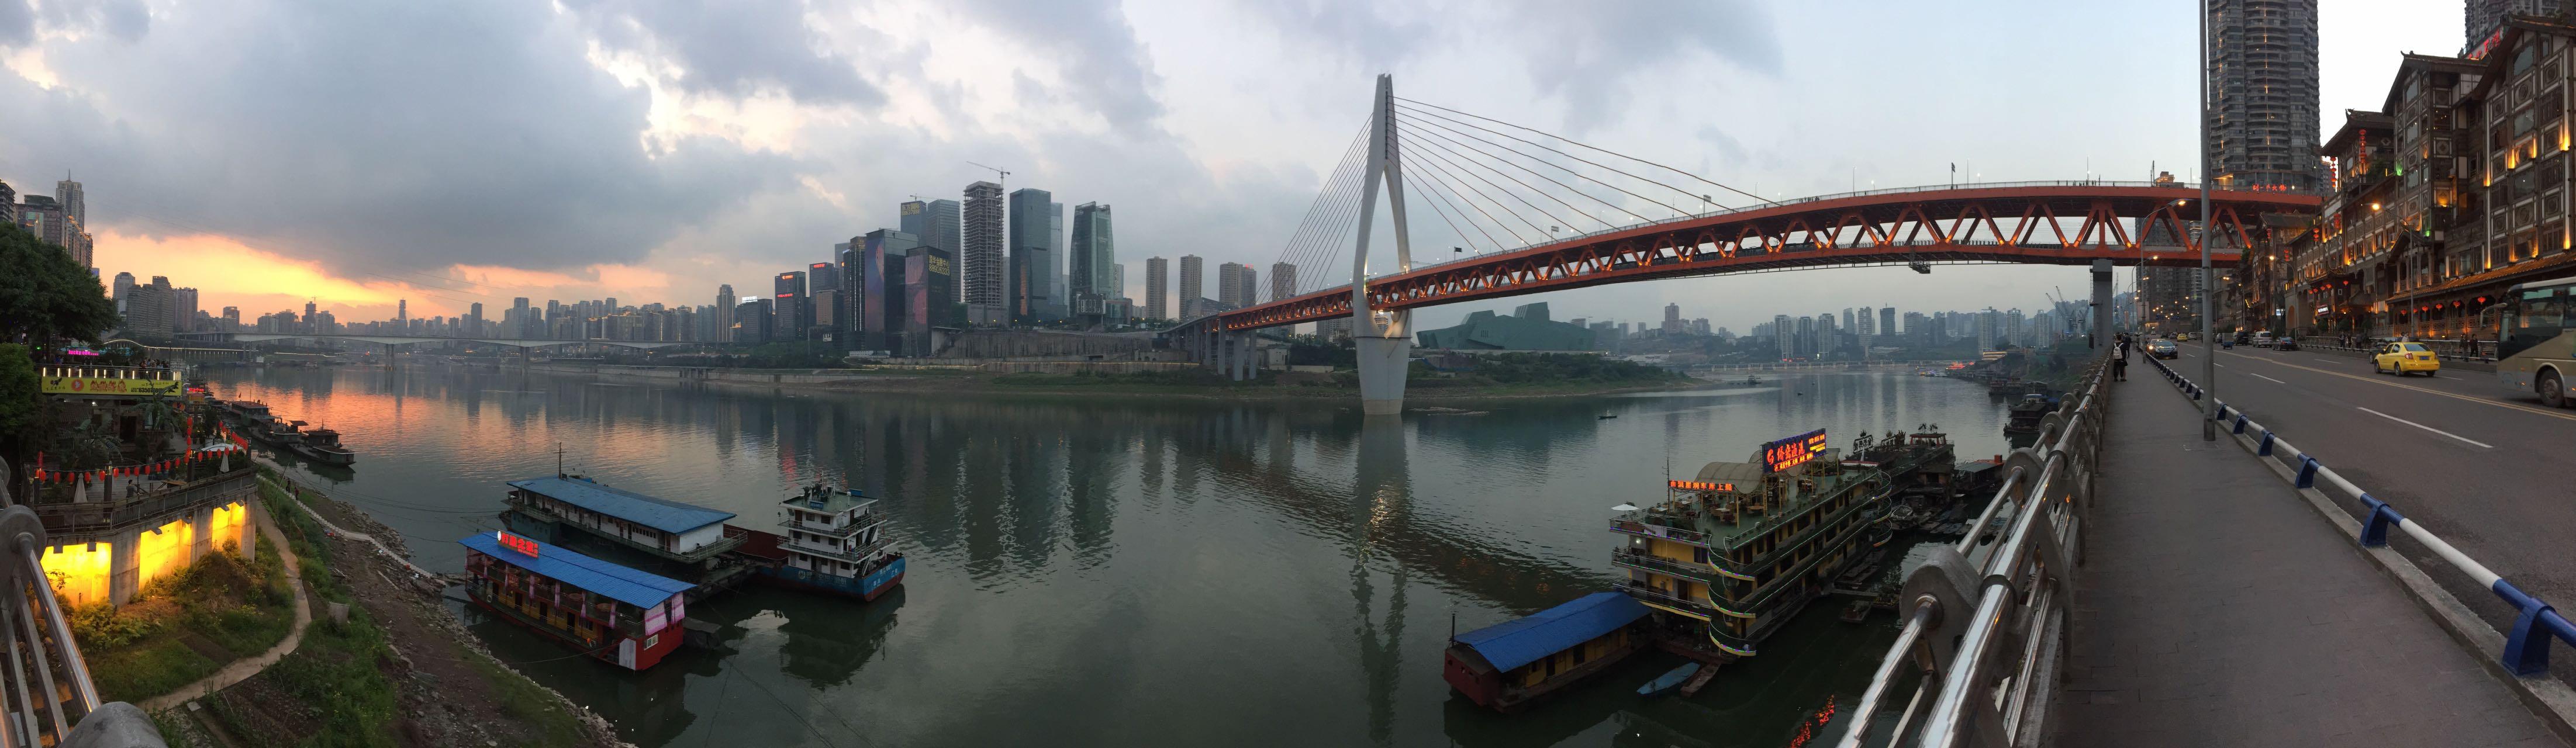 重庆桥景手绘图片